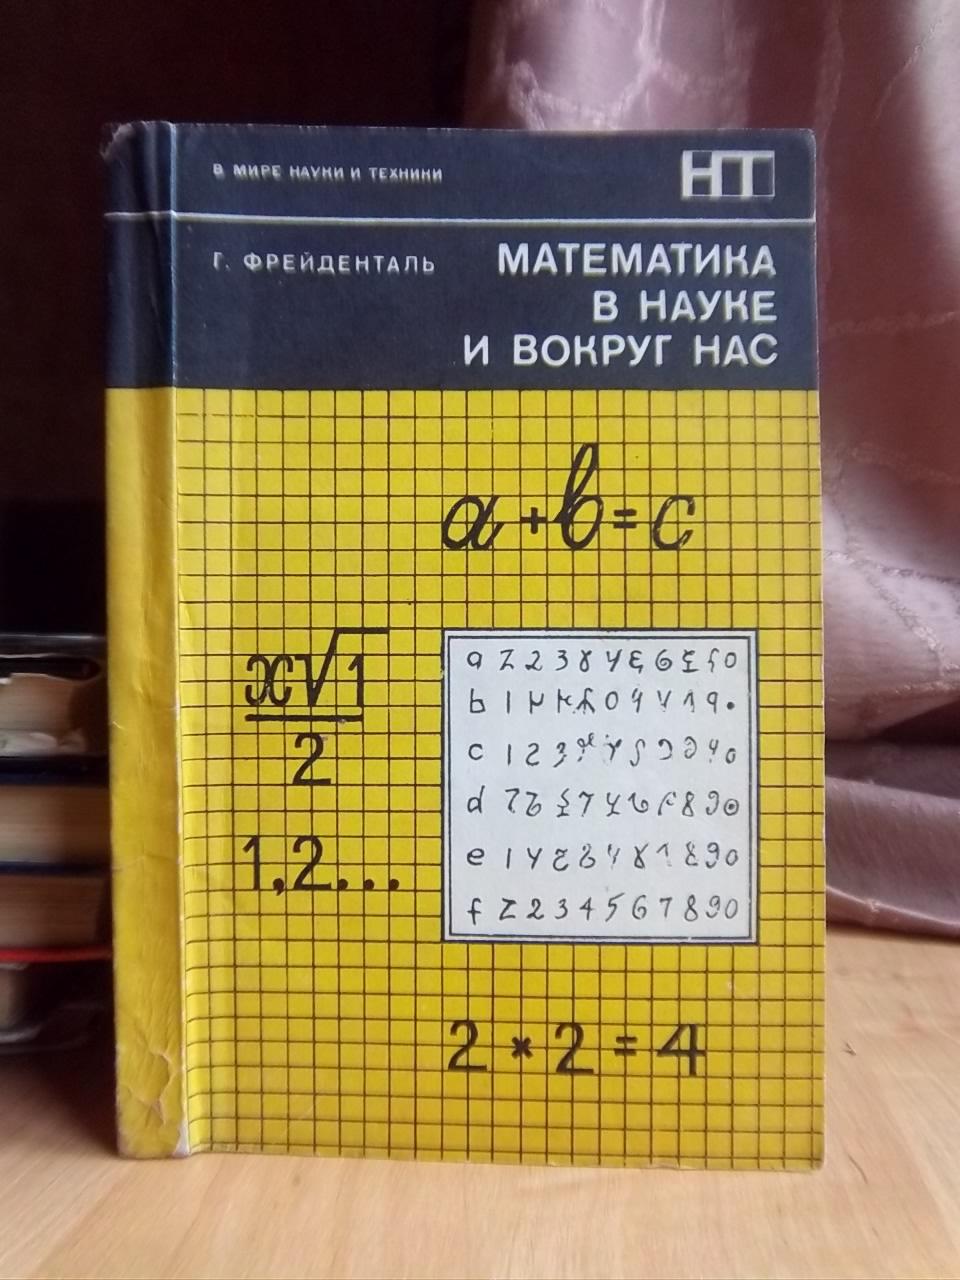 Математика в науке и вокруг нас